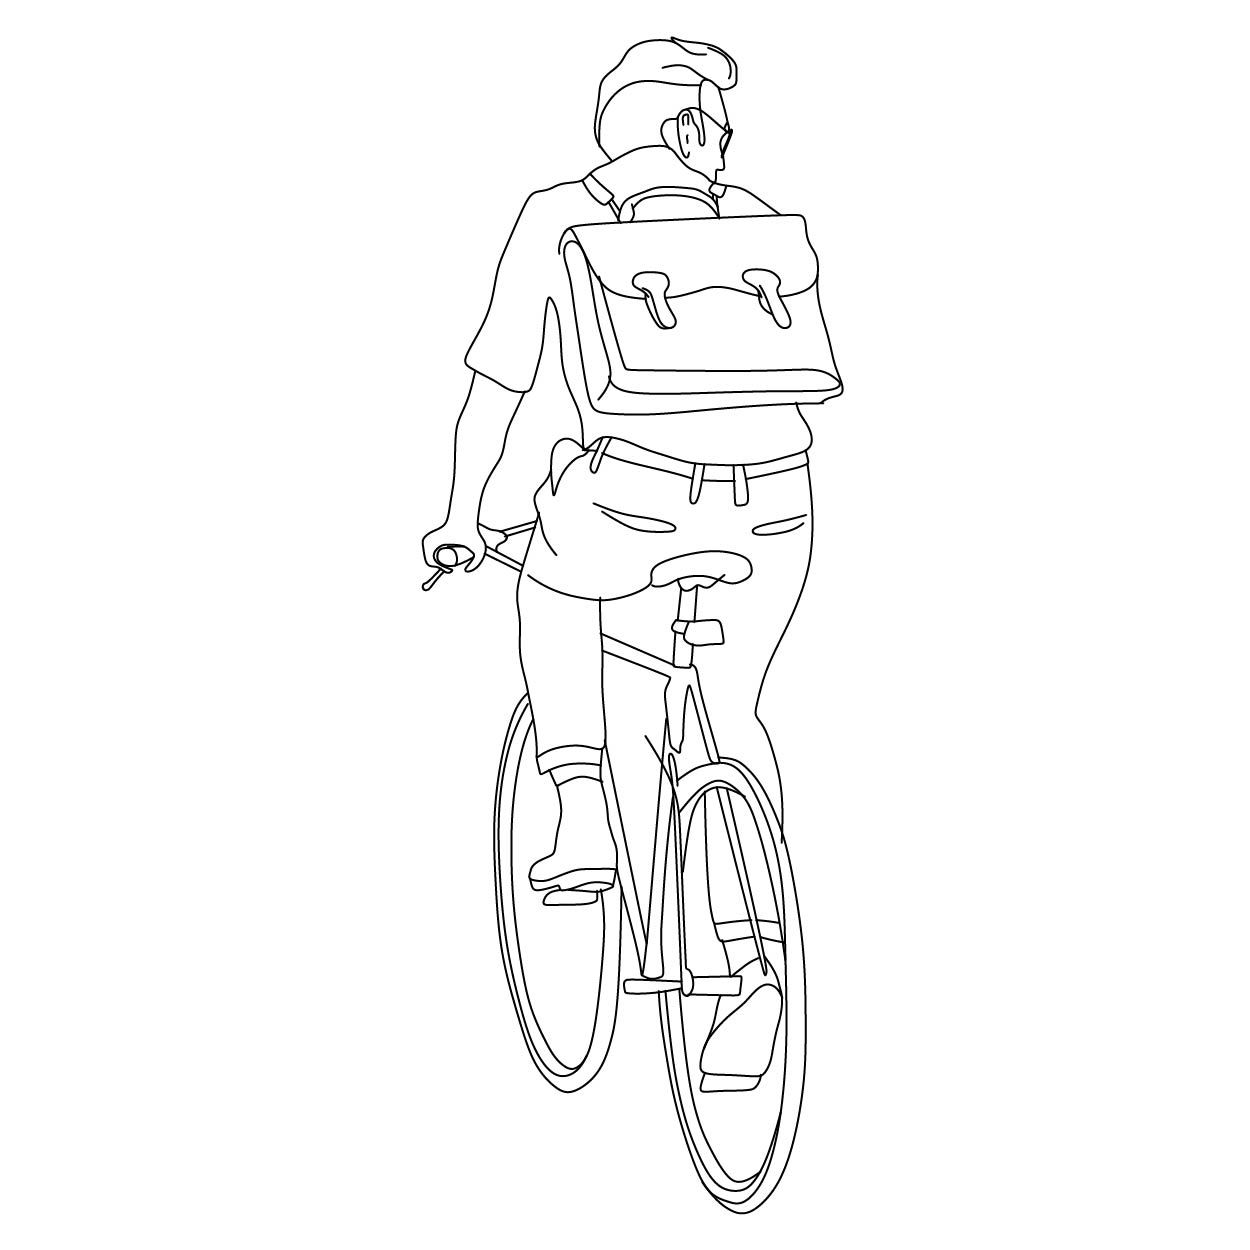 Man riding bike | Photoshop brushes | People illustration